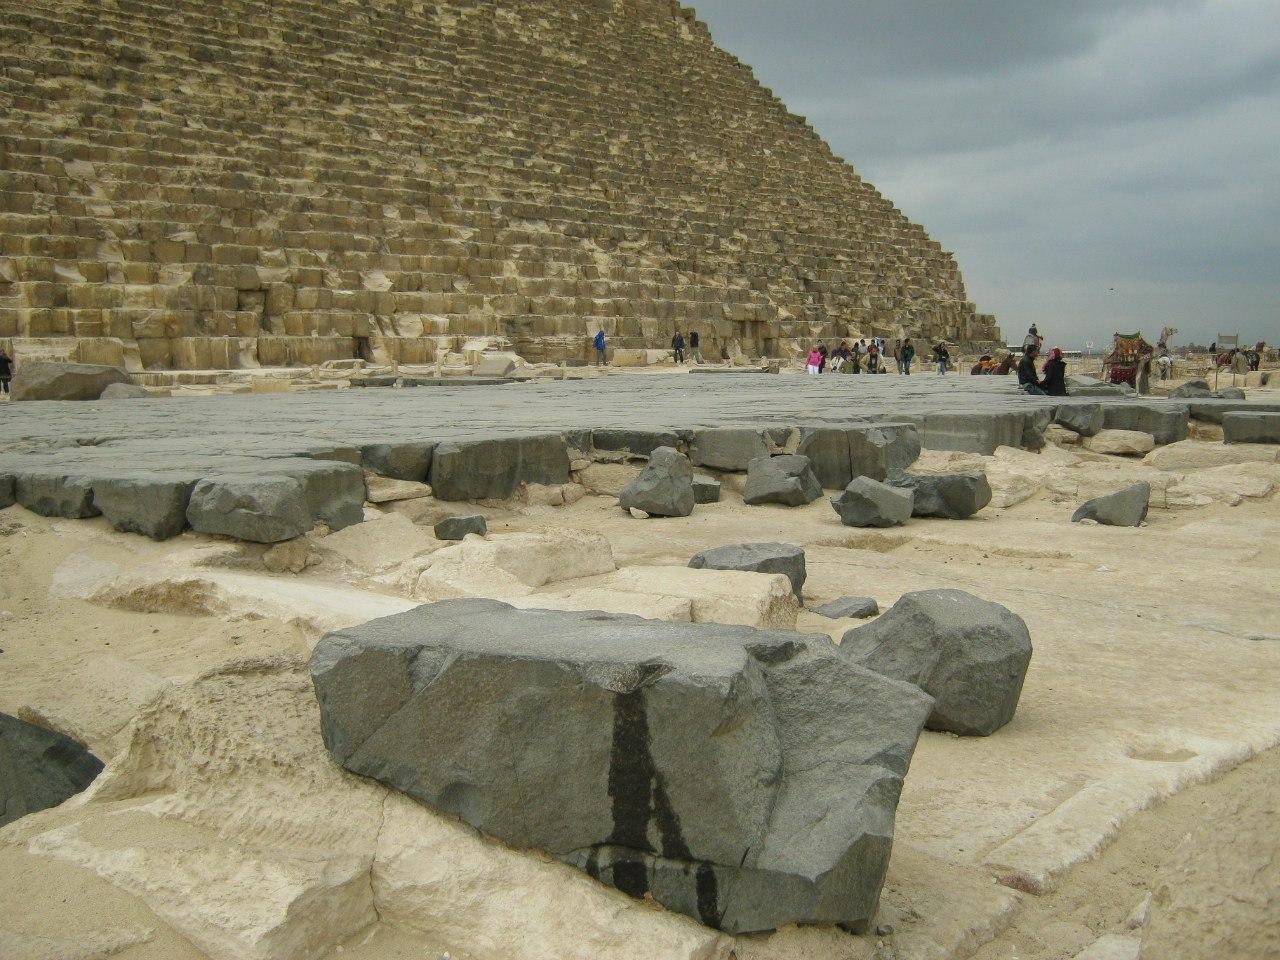 Загадочная базальтовая площадка около пирамиды Хеопса